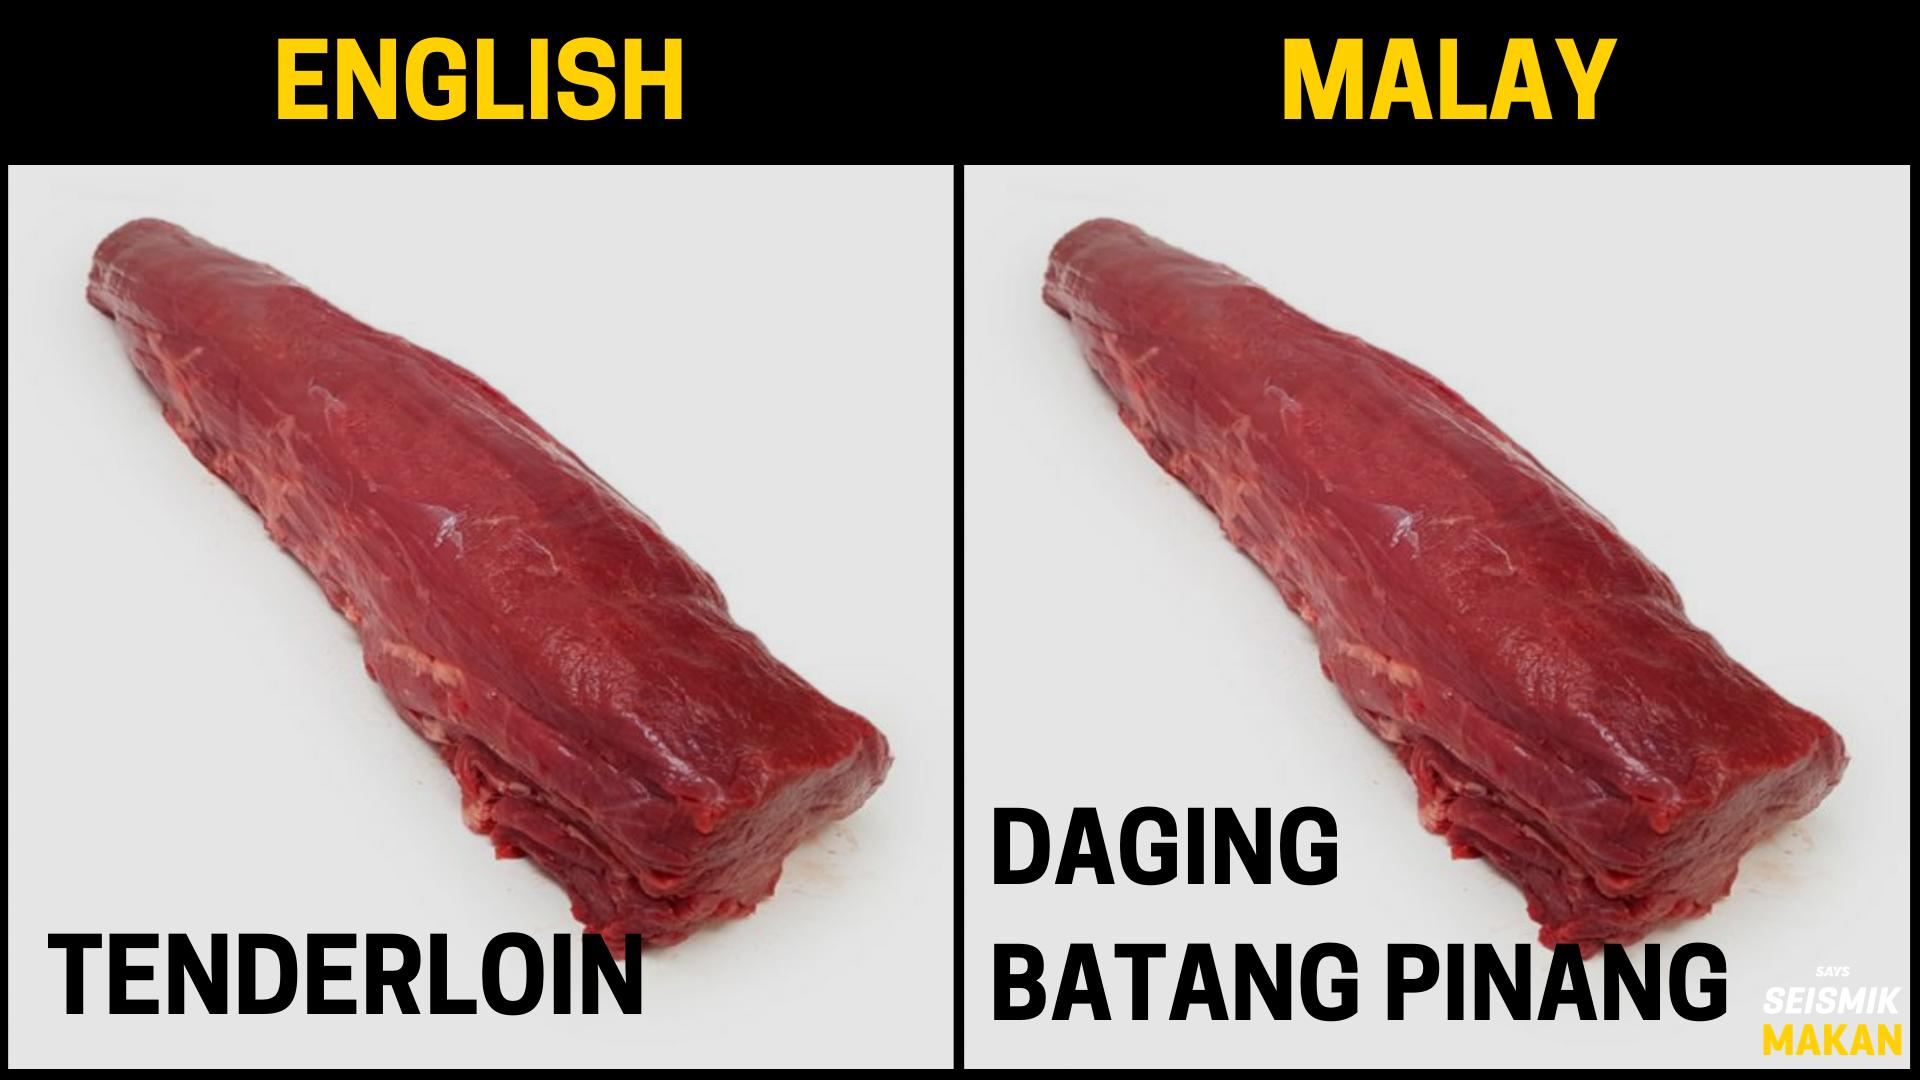 Daging Tenderloin Bahasa Melayu